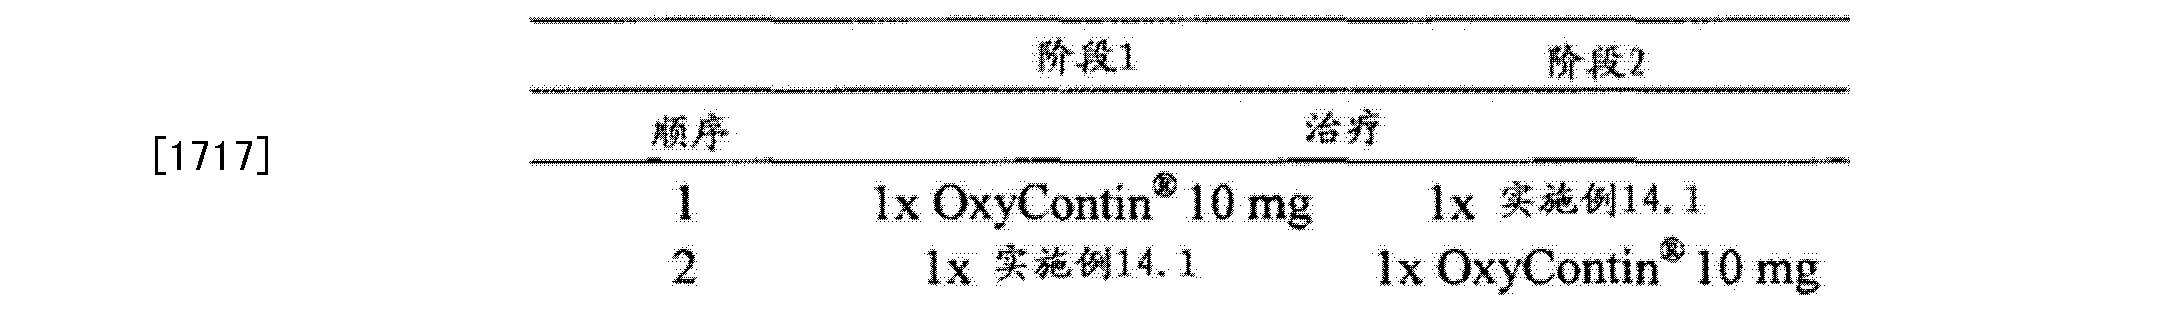 Figure CN102657630BD01581